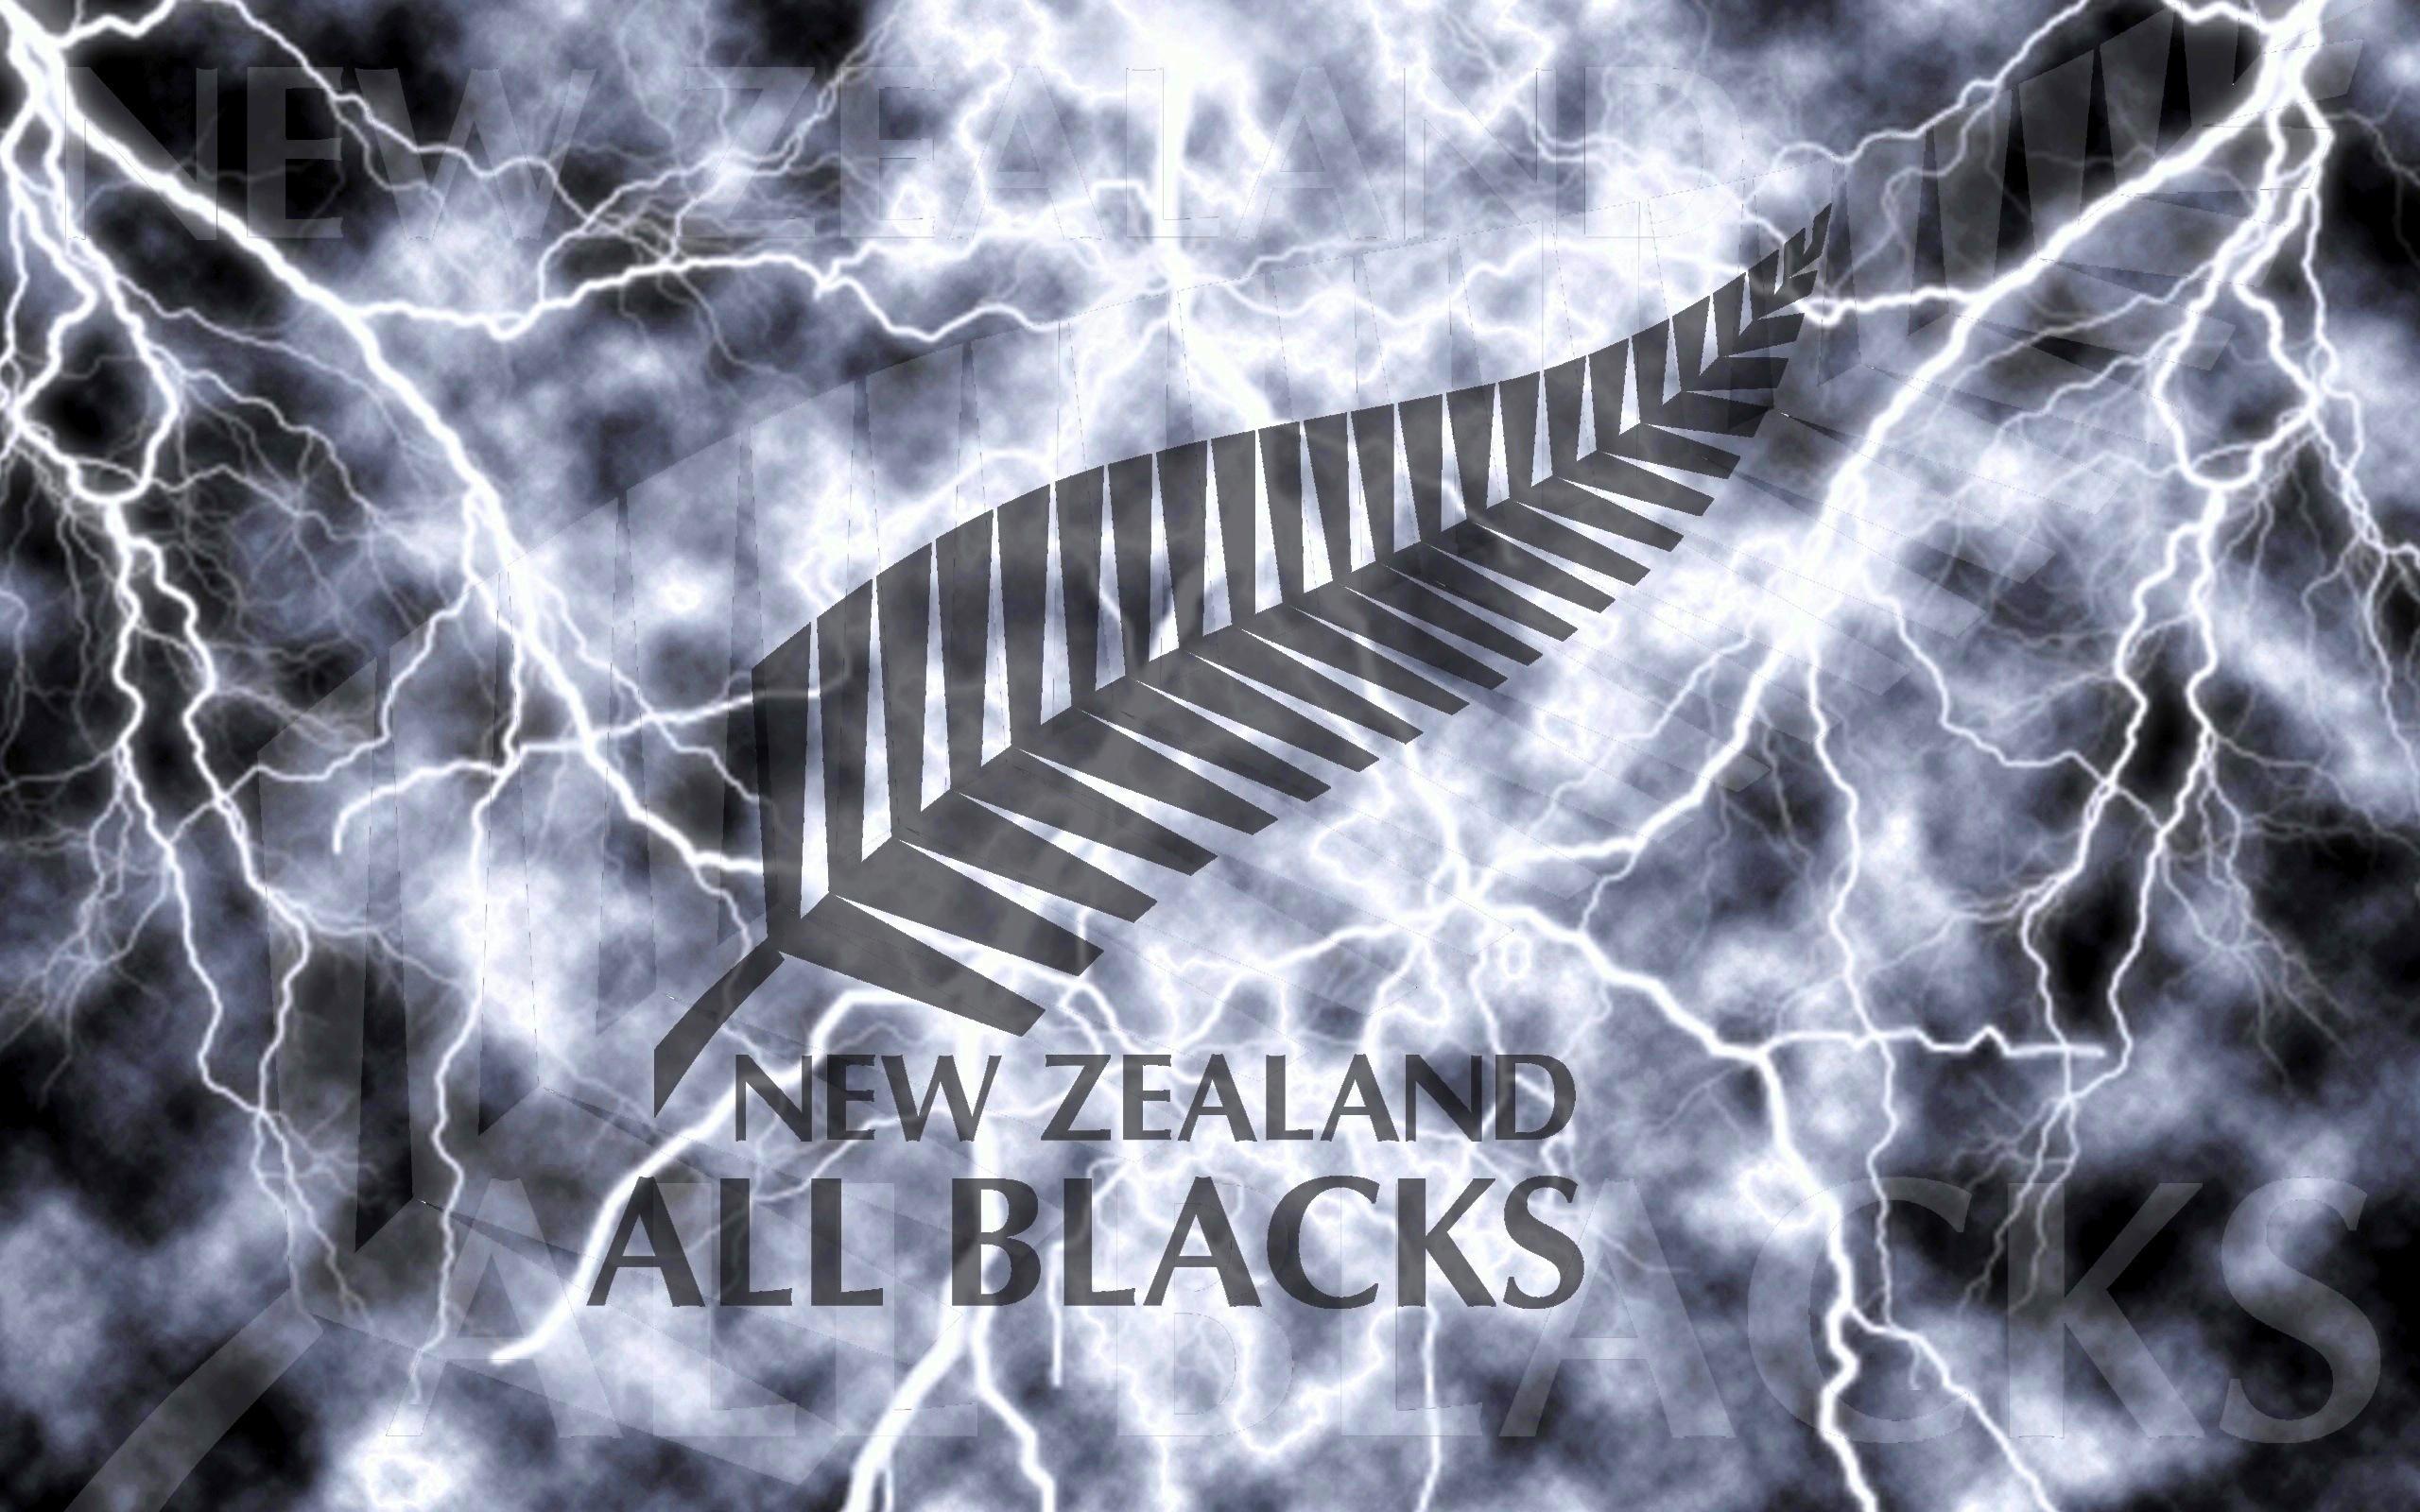 New Zealand All Blacks Lightning Wallpaper by Sunnyboiiii Flickr 2560x1600